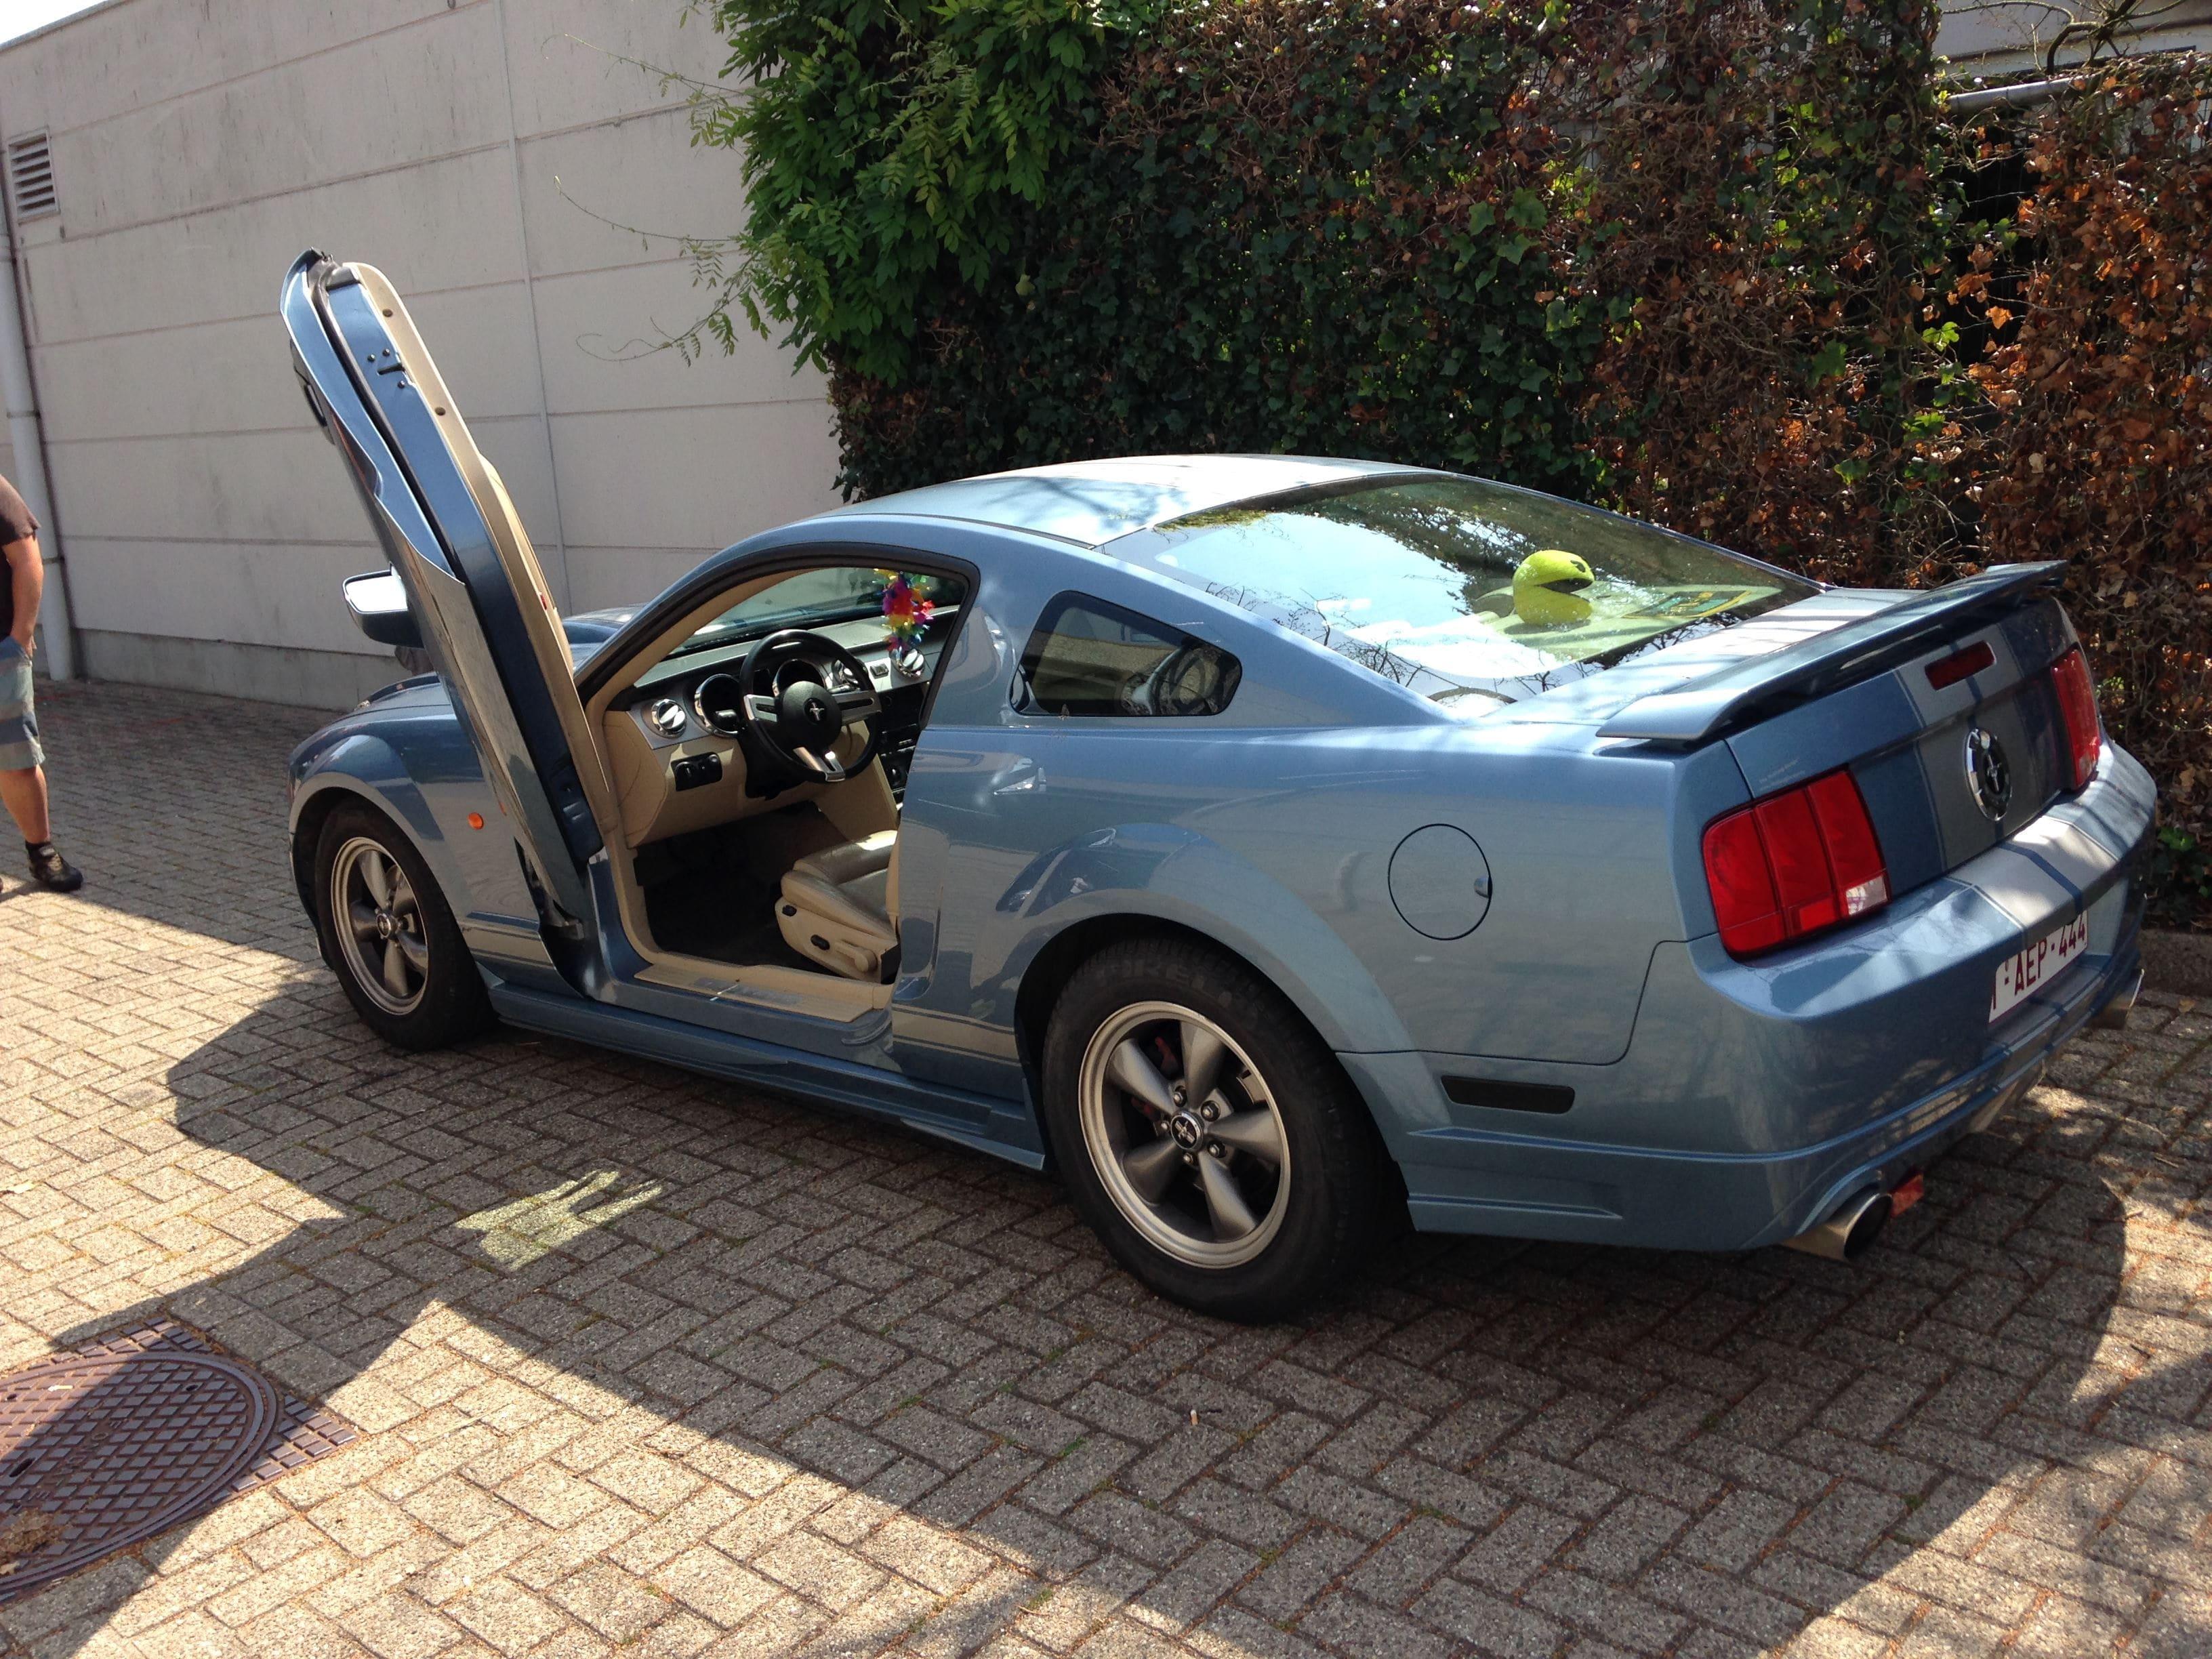 Ford Mustang 2009 met Mat Rode wrap, Carwrapping door Wrapmyride.nu Foto-nr:5820, ©2020